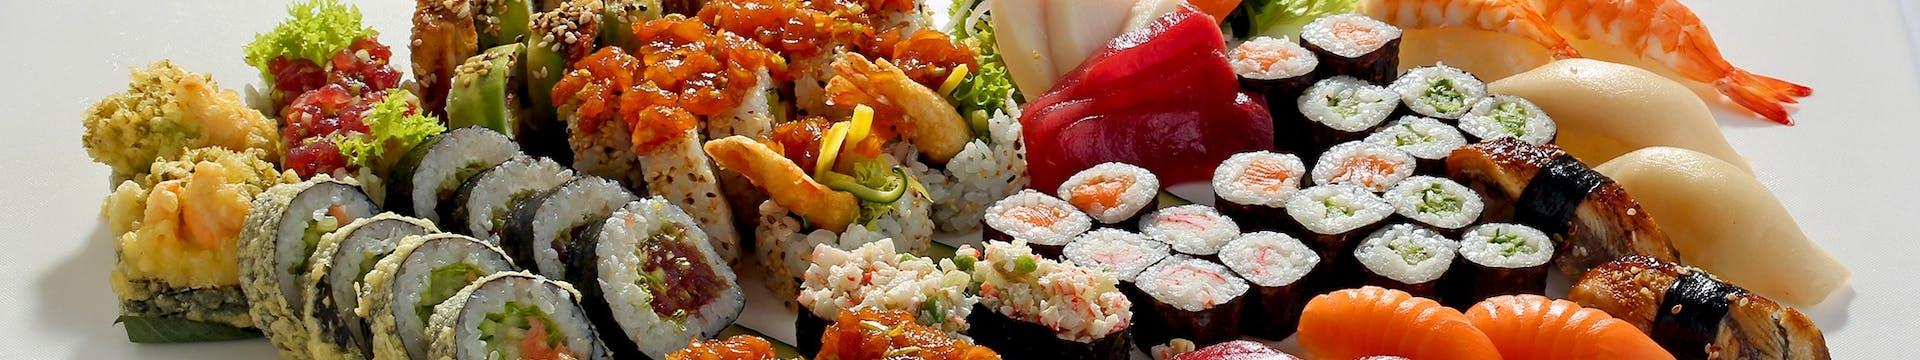 Restauracja Kei Sushi - pyszne sushi w Mławie